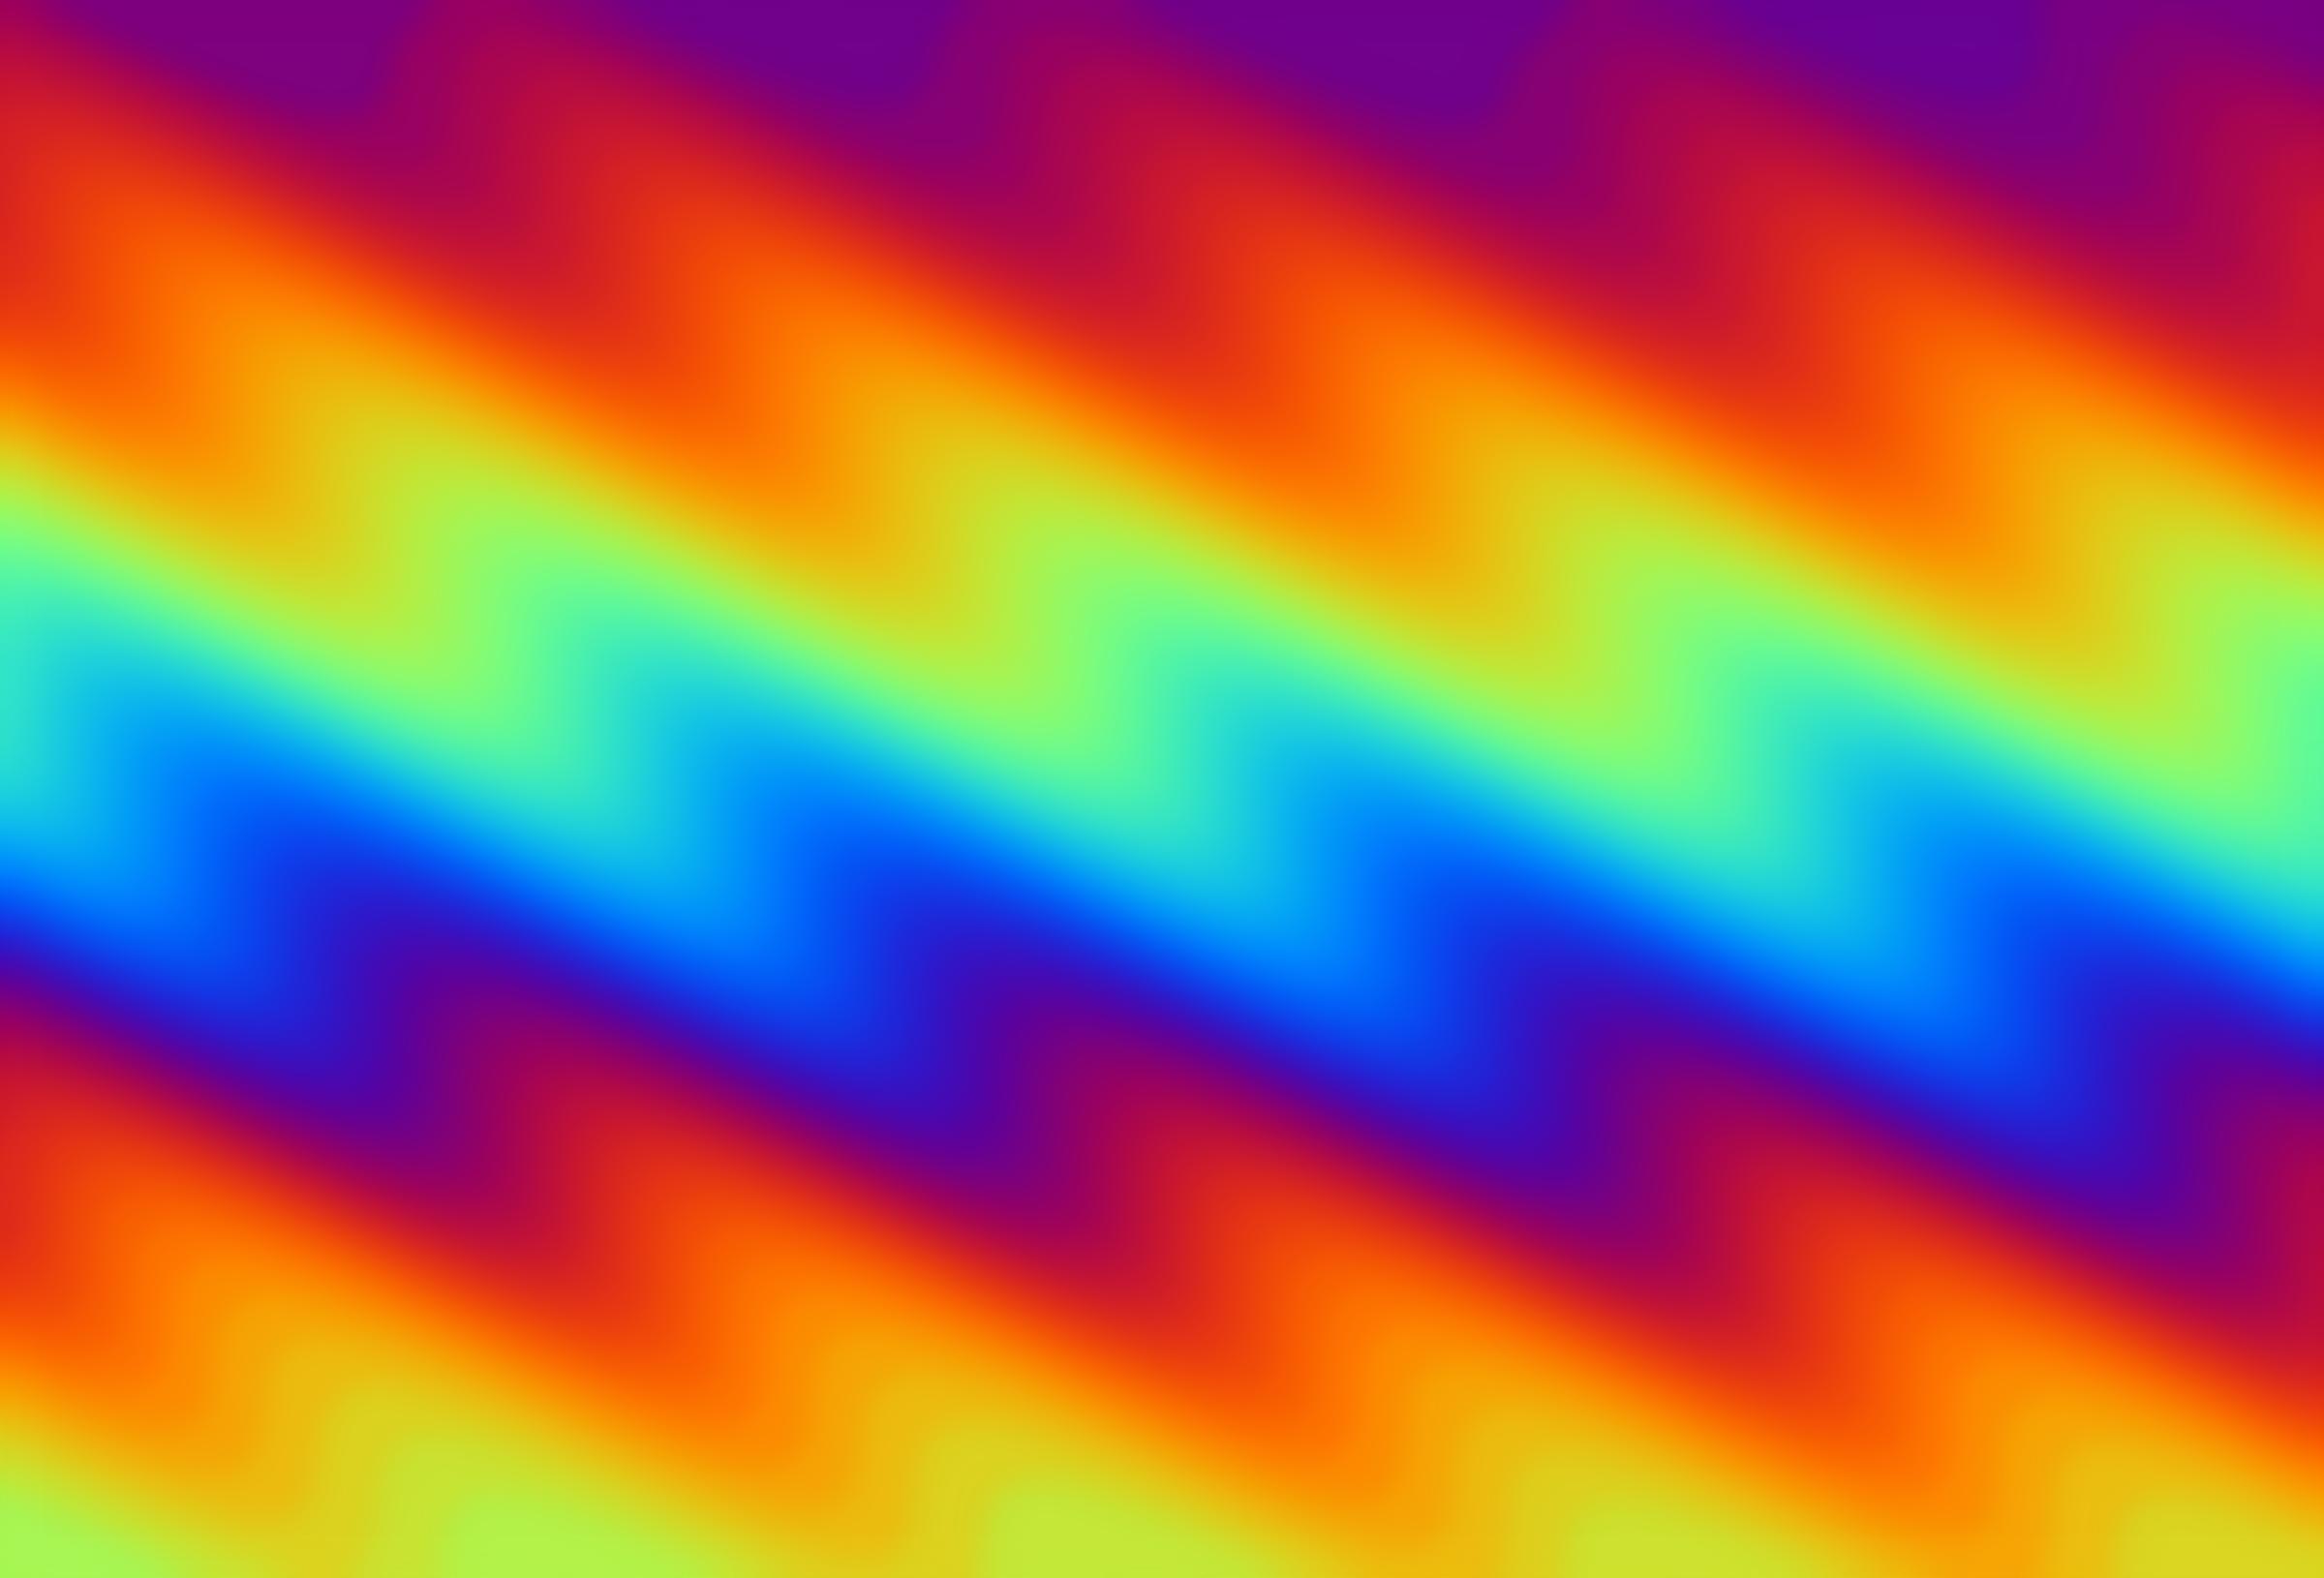 Paint Net Transparent Background Png